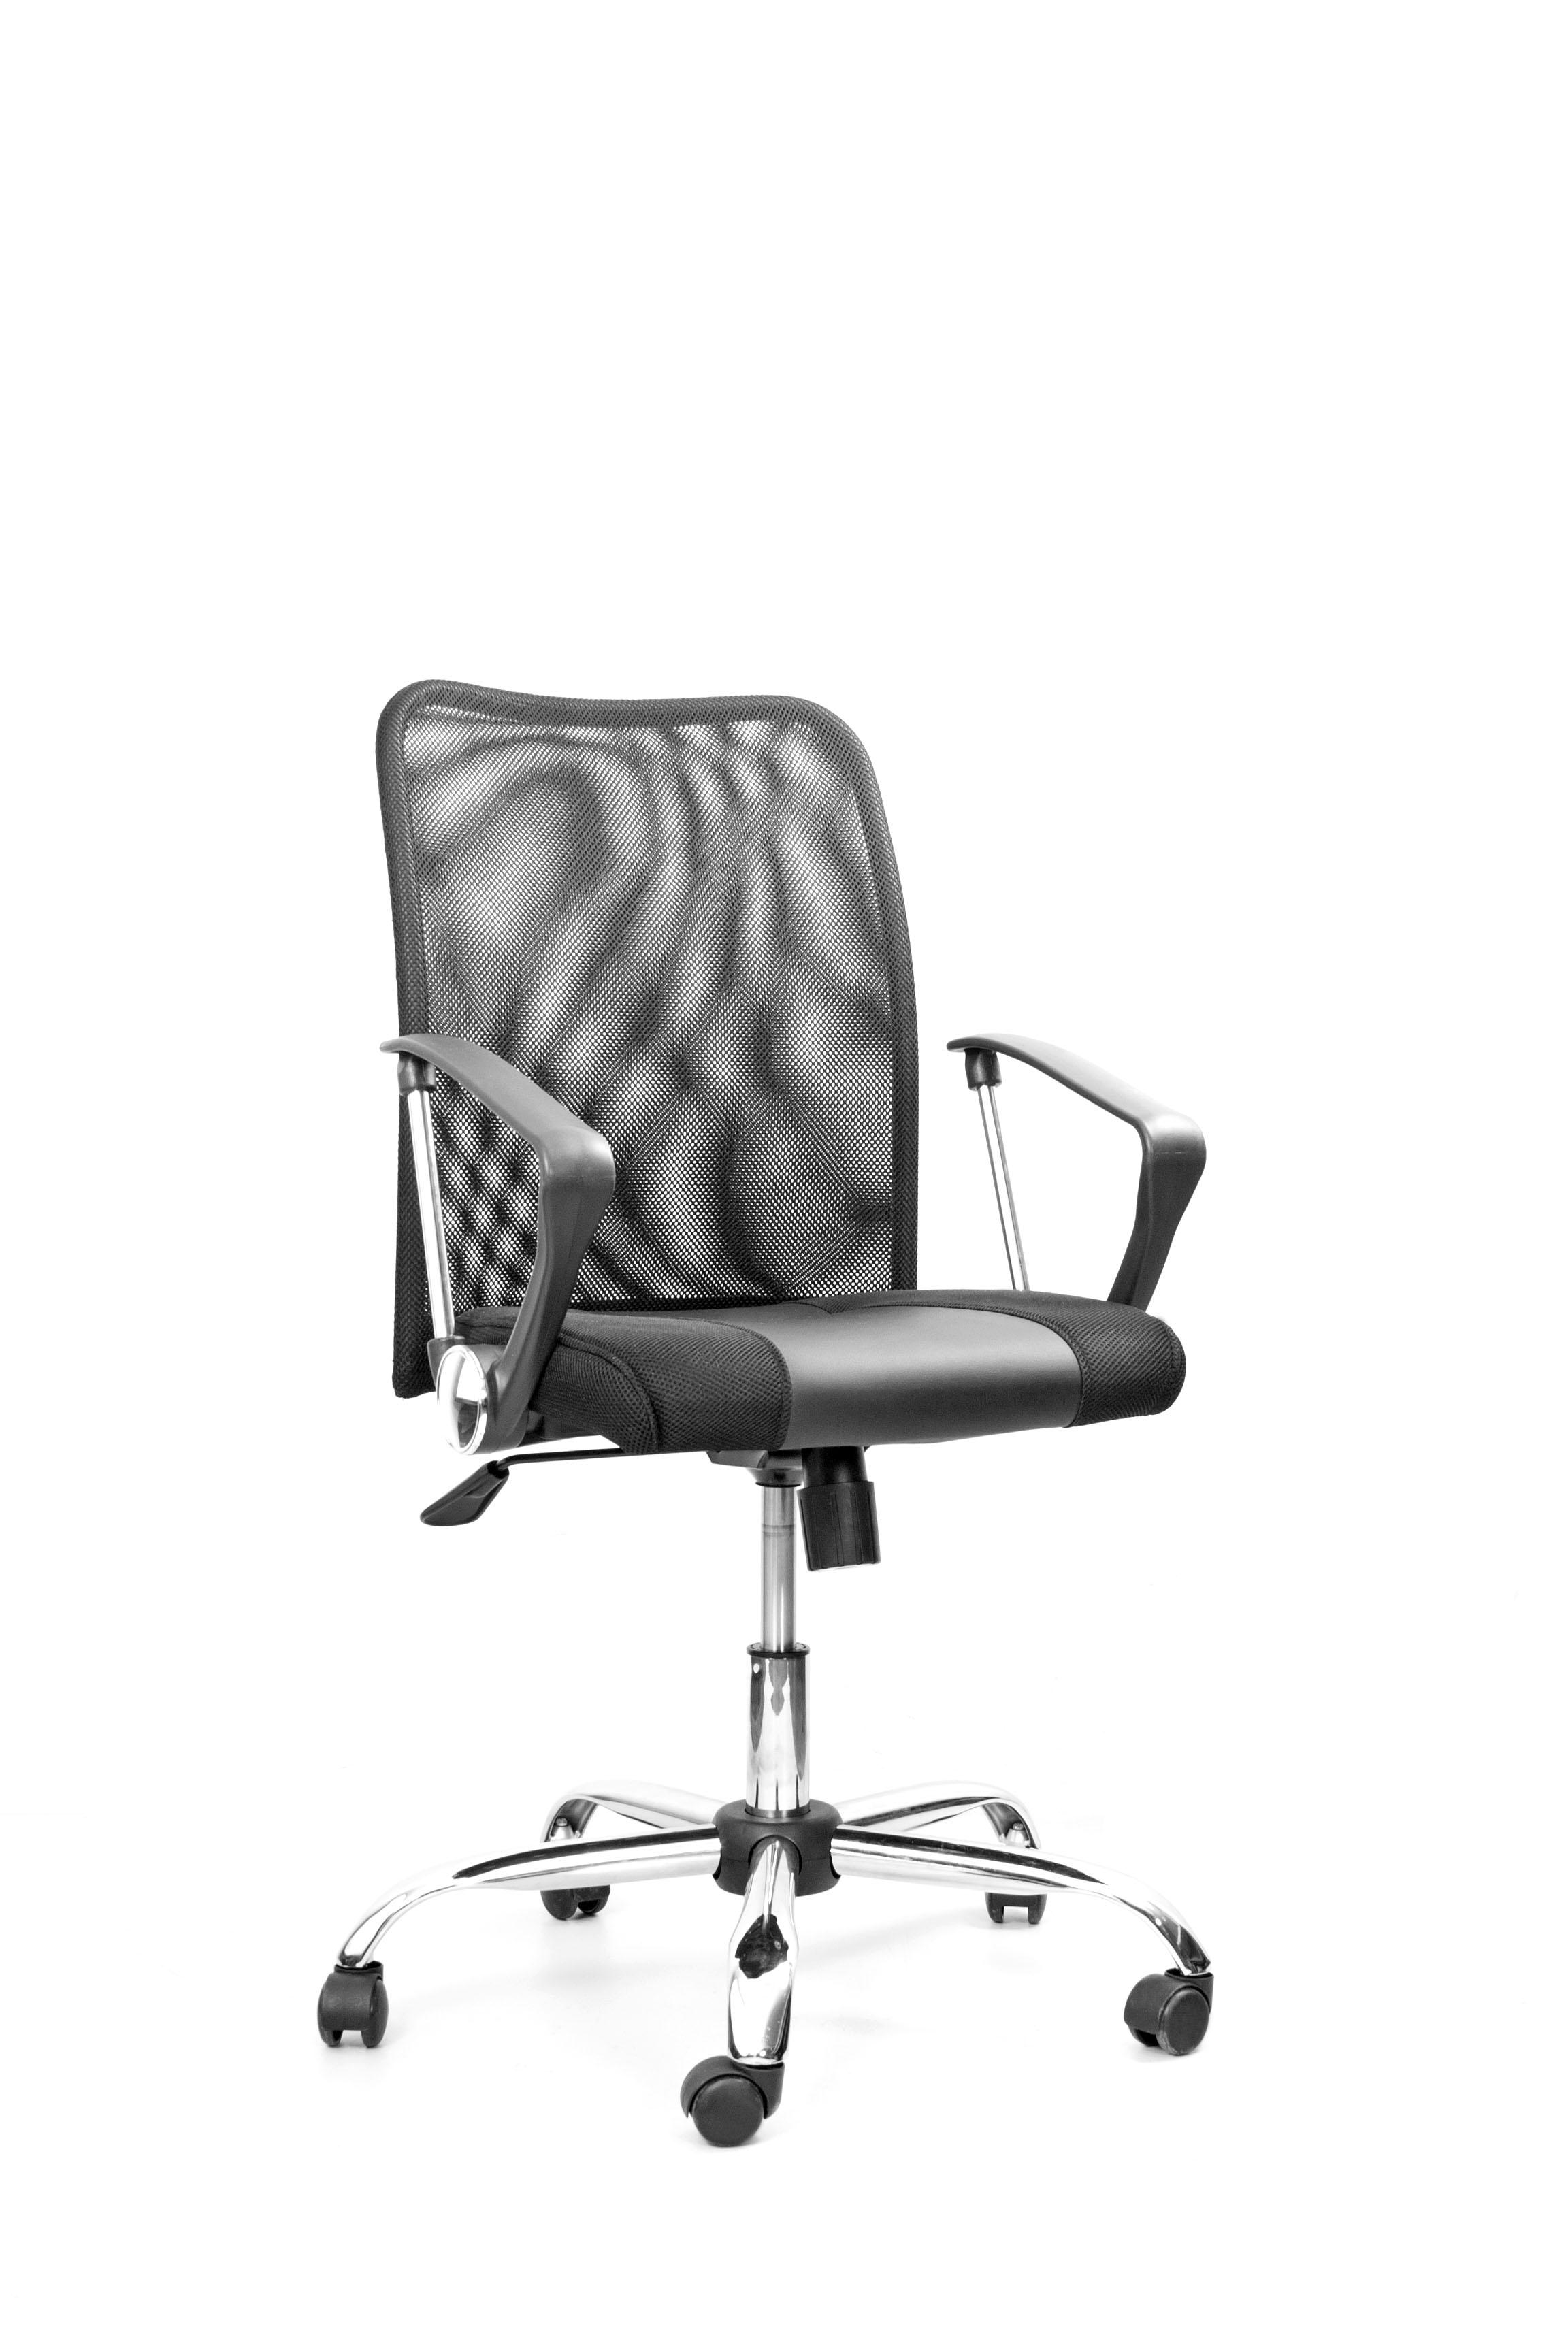 Кресло Recardo Smart 60 (Чёрный, сетка/кожа, высота 960-1050мм, спинка 520мм, Ш500*Г490, крест 700мм, макс. 120кг, газлифт/качание/откидывание) globo уличный настенный светодиодный светильник globo starex 34177 6